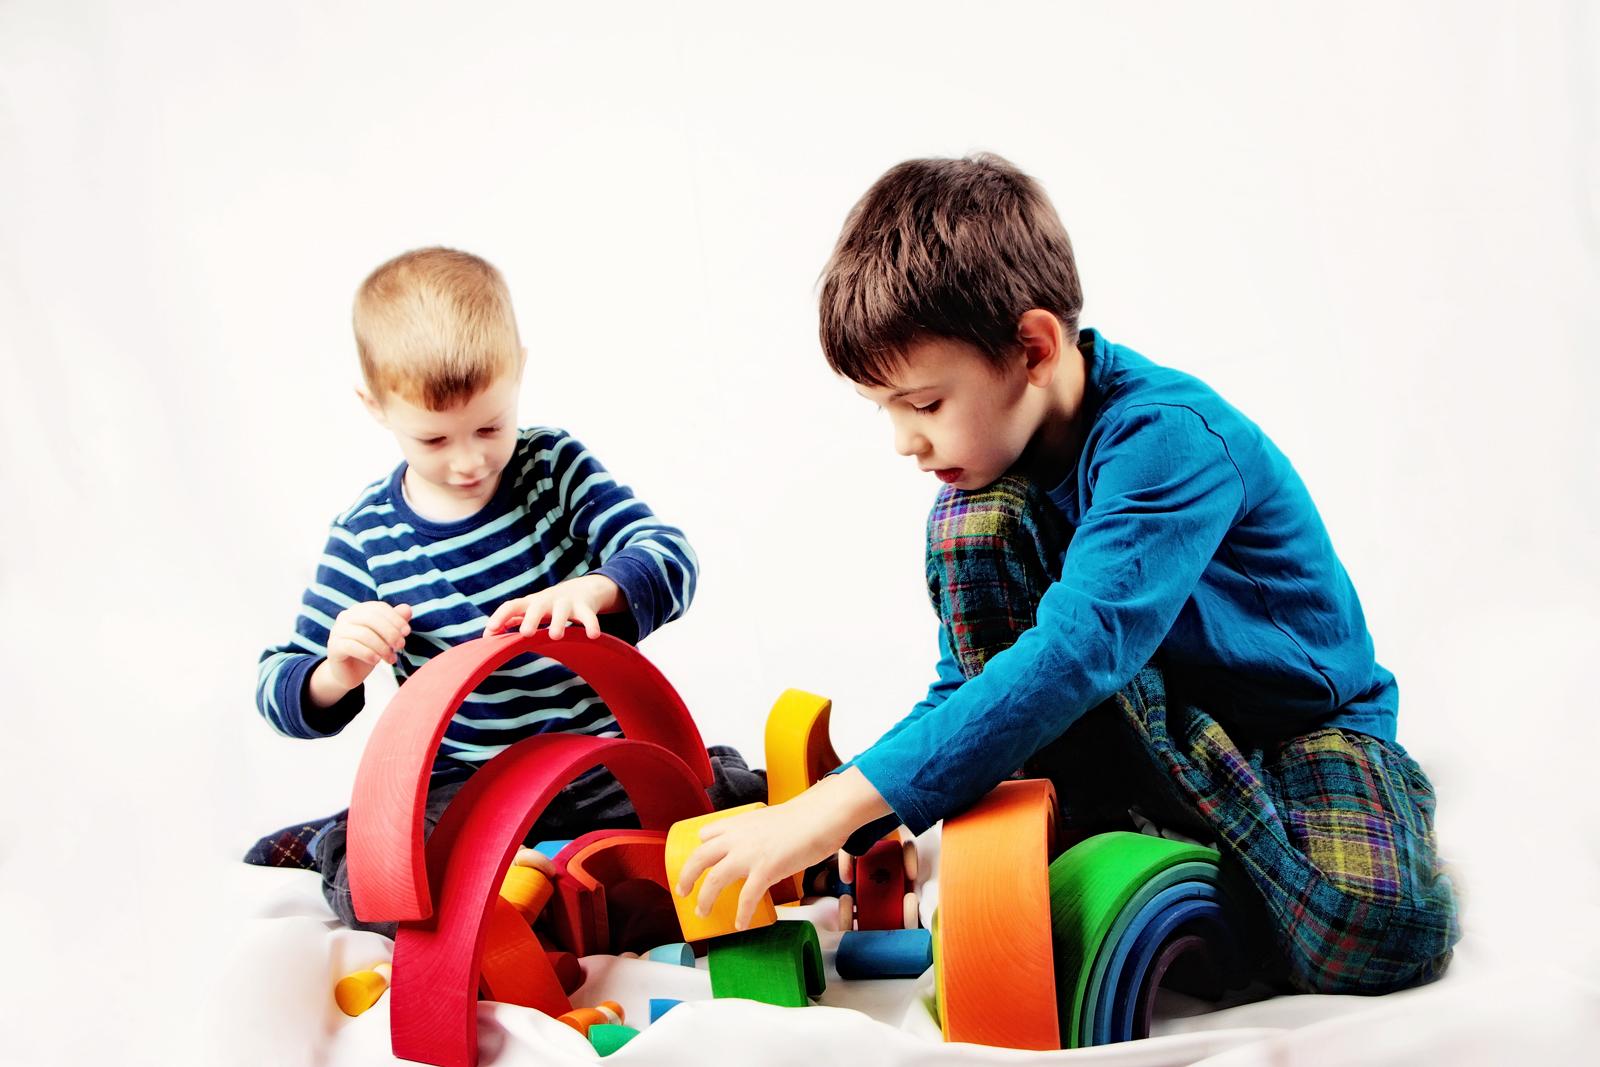 poza 1 - copiii si curcubeul